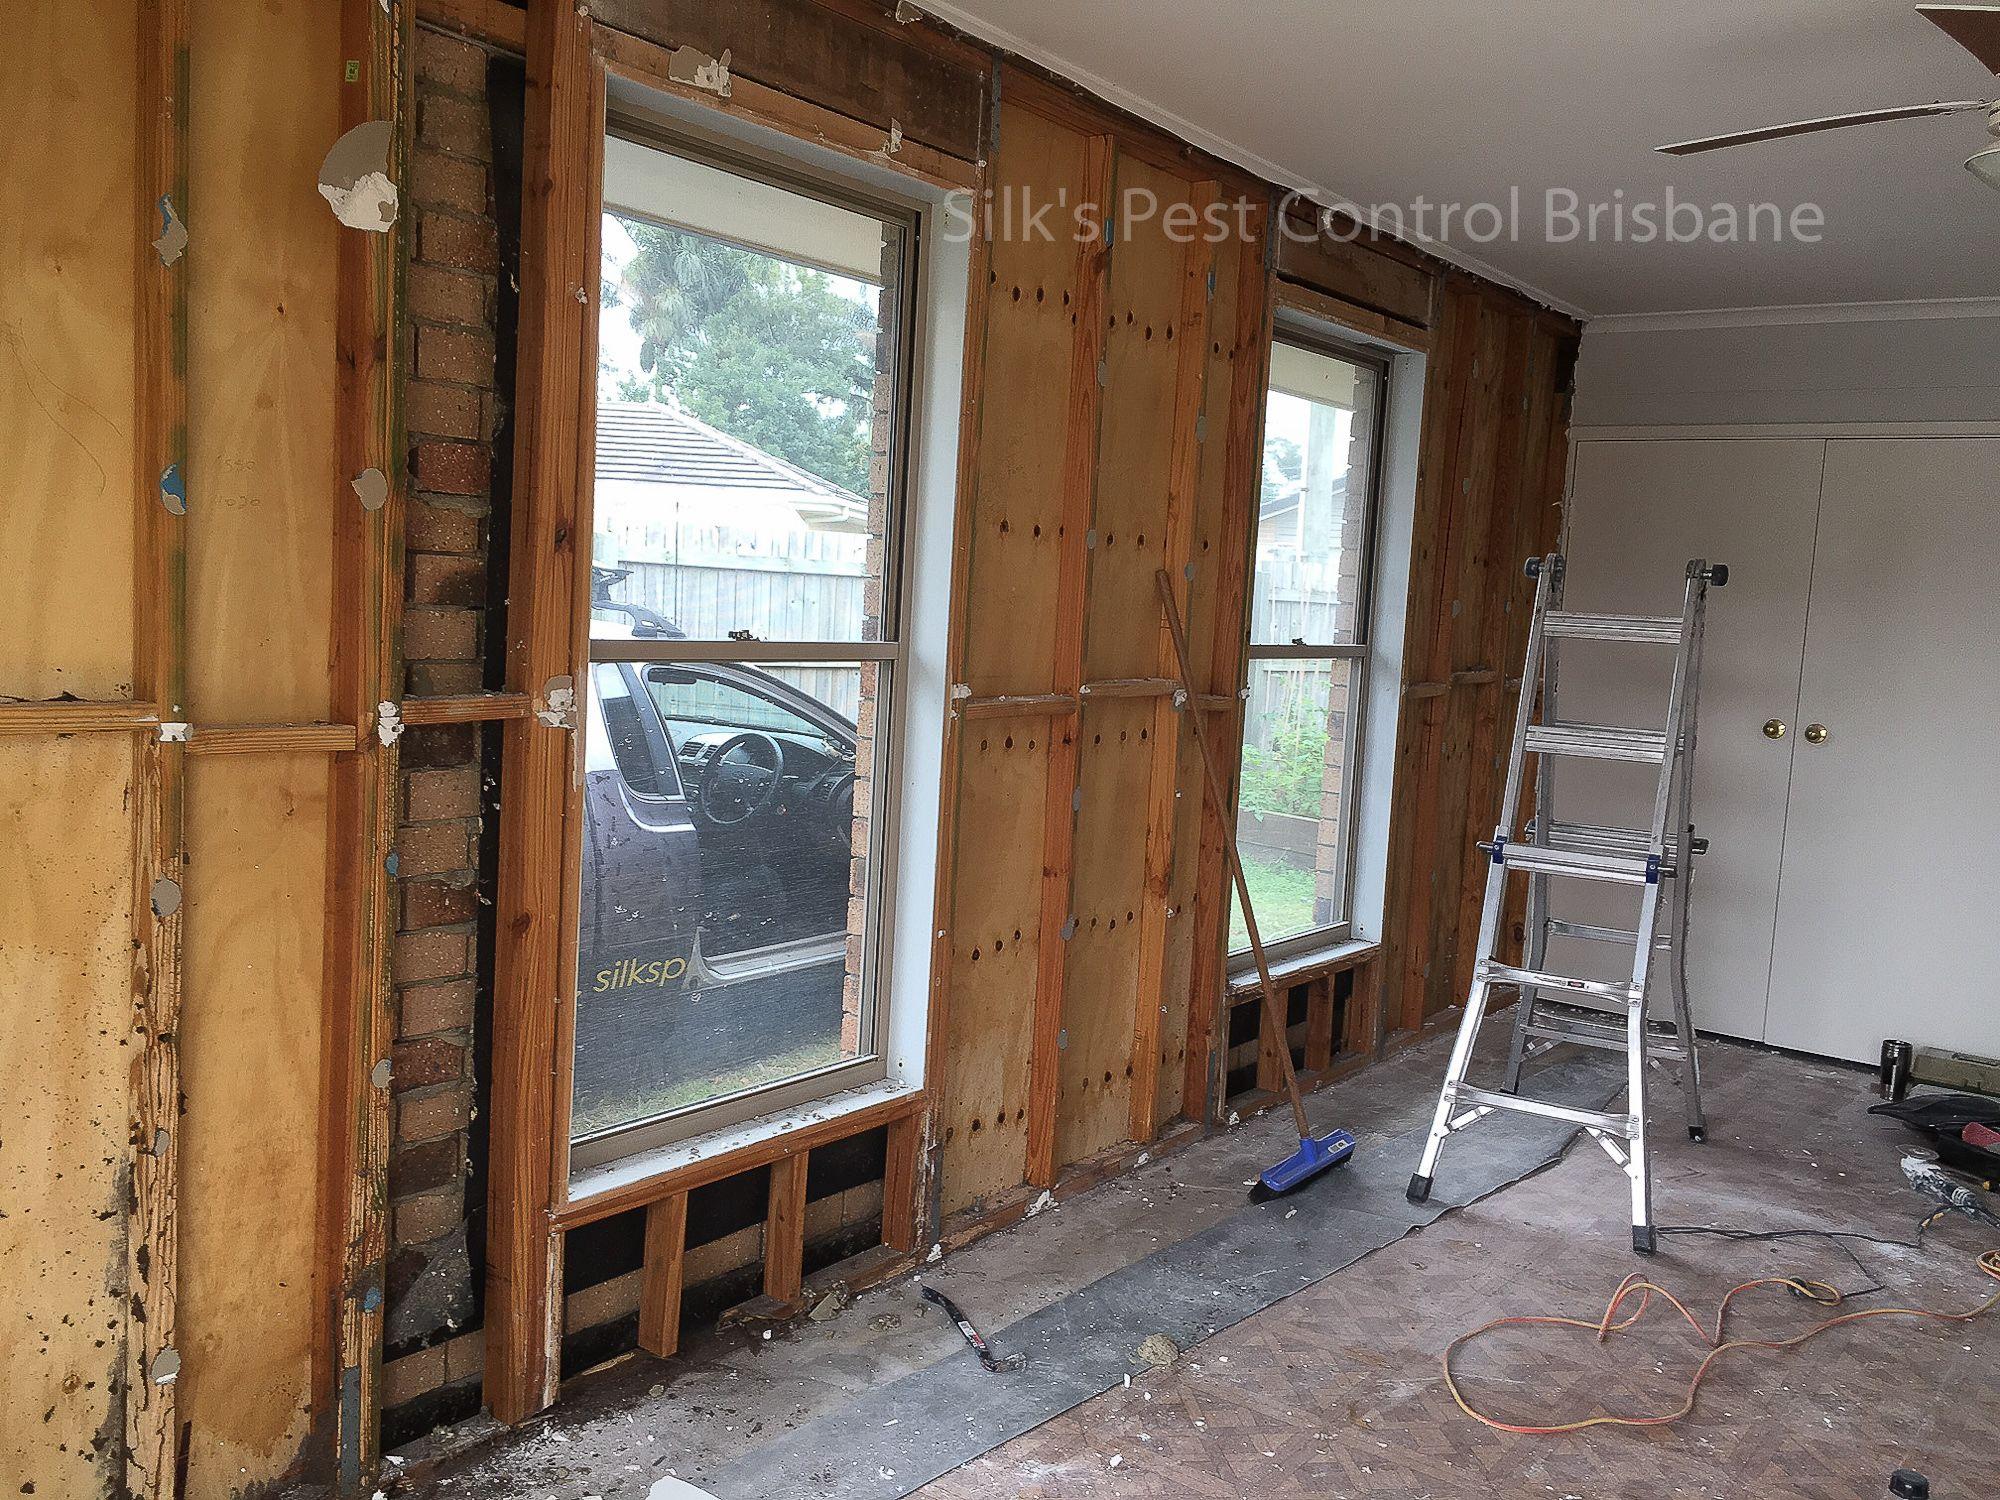 Silk S Pest Control Upper Mt Gravatt Termite Pest Control Experts Termite Pest Control Termite Damage Termites